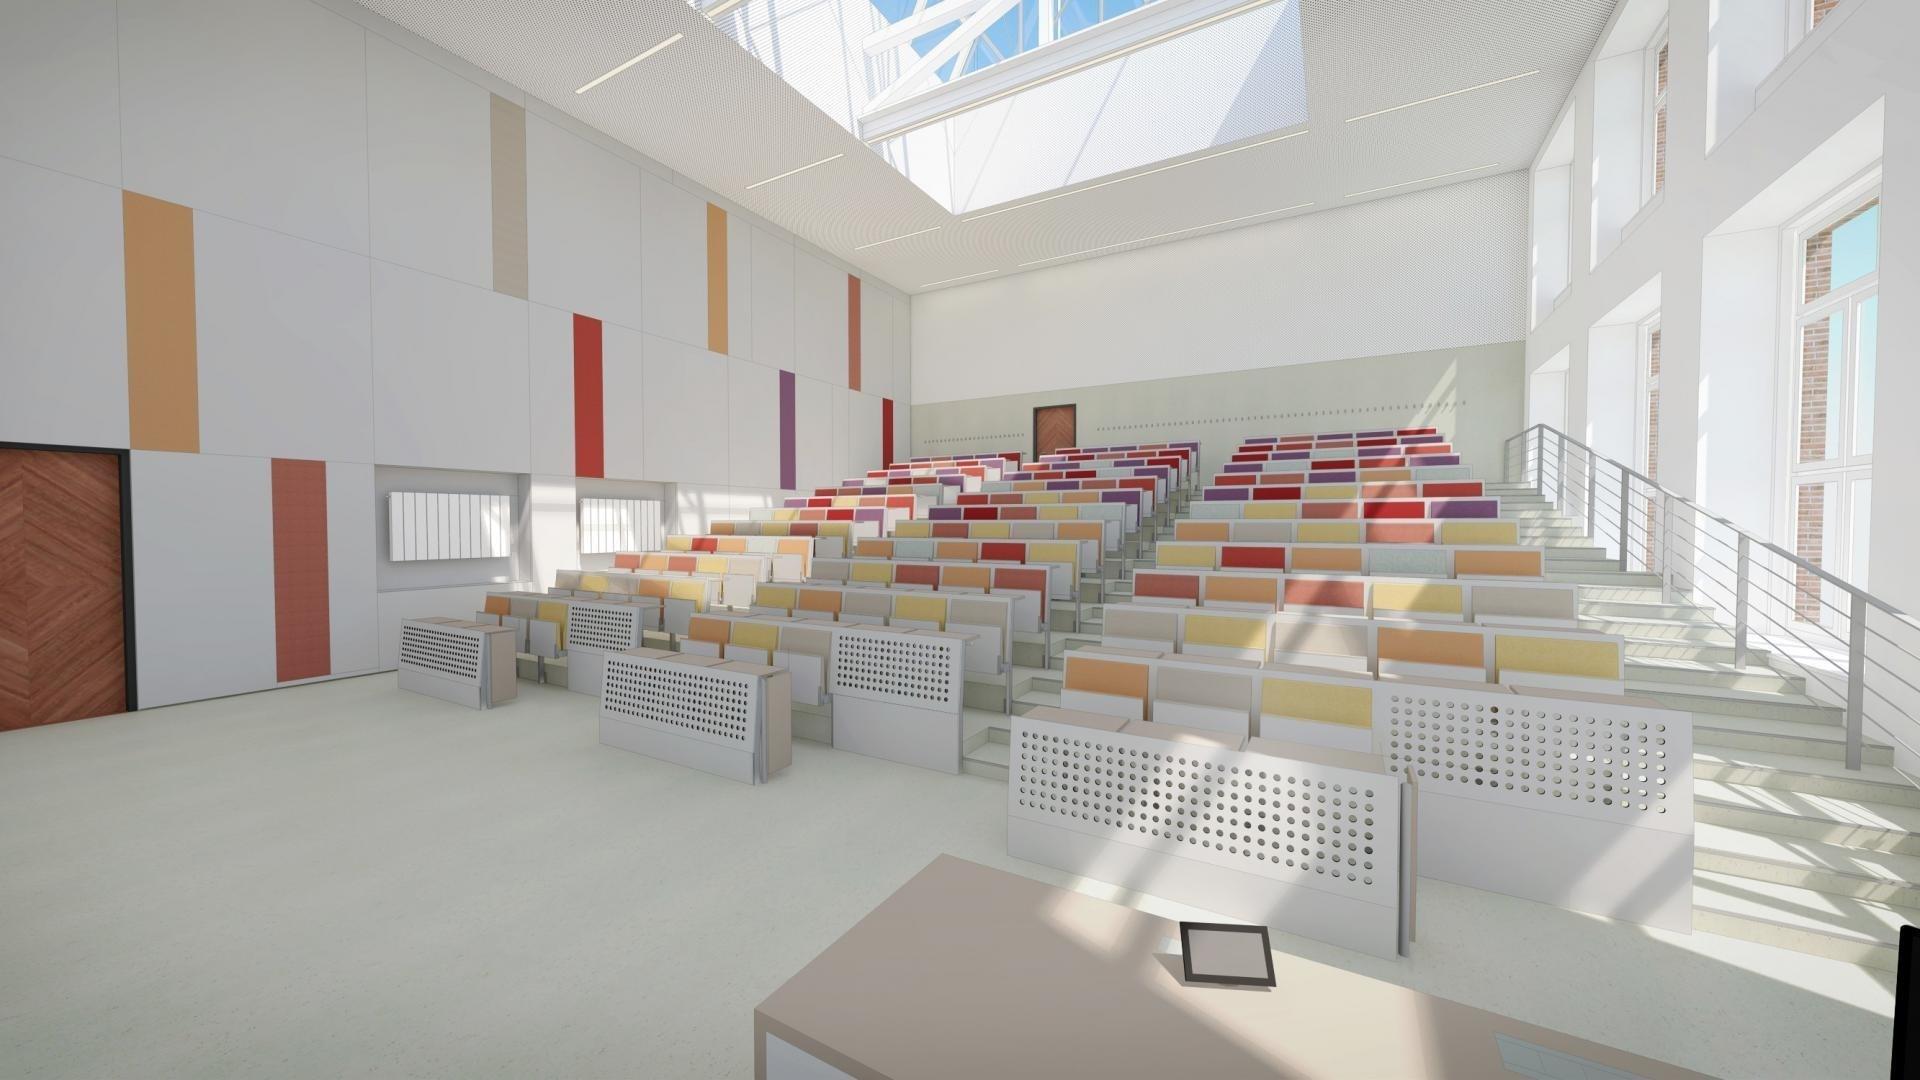 Práce charakterizuje studentské ubytovací prostory a blíţe specifikuje poţadavky studentů na Správa kolejí a menz Univerzity Palackého v Olomouci [online].